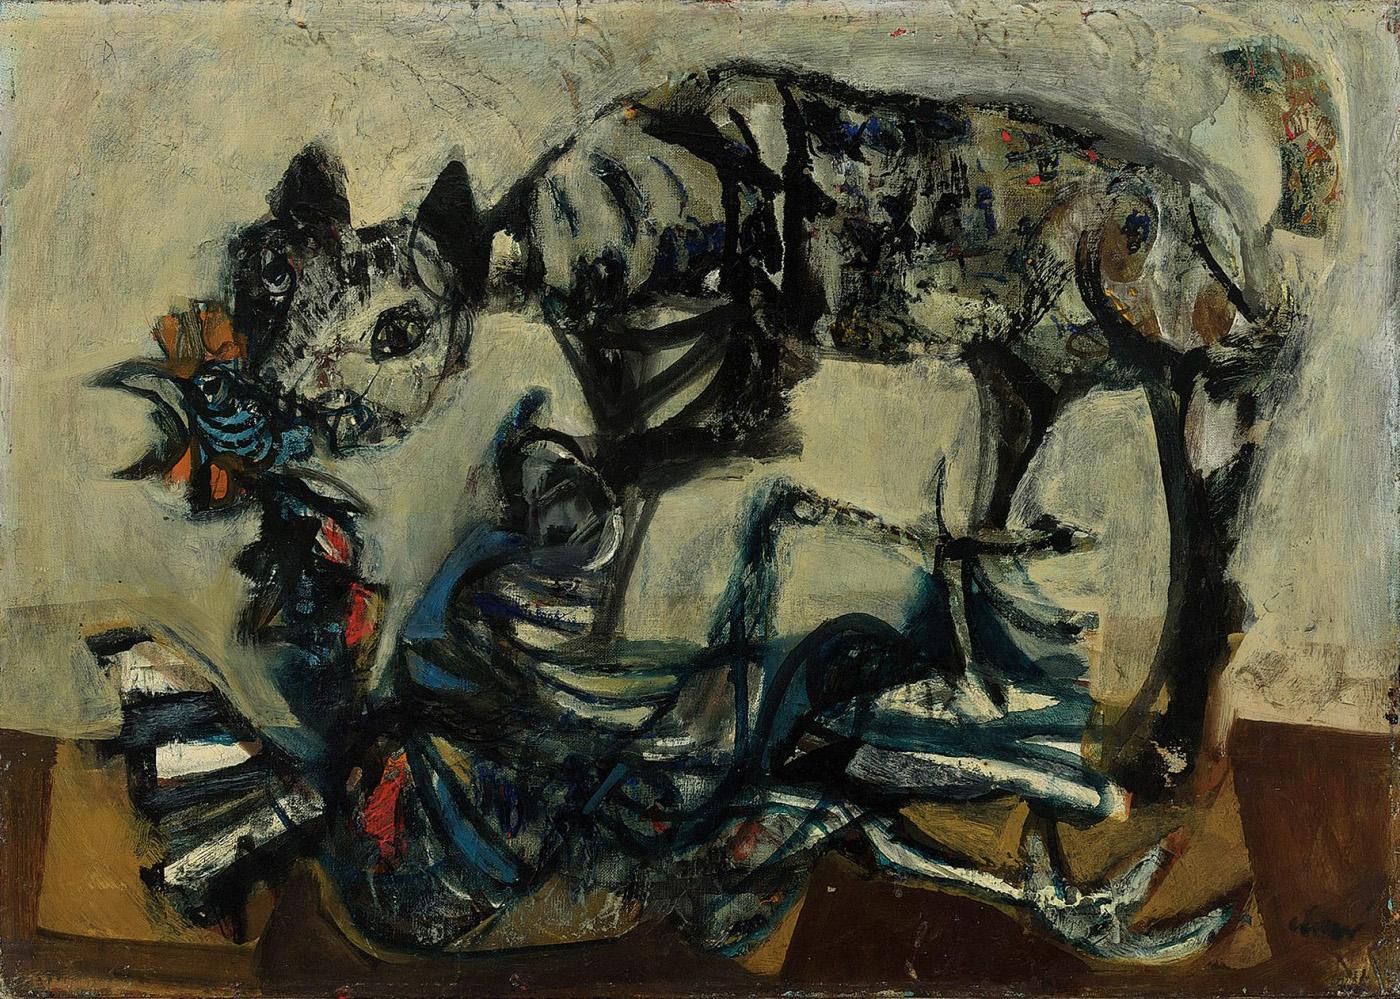 Antoni Clavé. Chat et coq, 1948. Salida: 18.000 euros. Remate: 22.500 euros